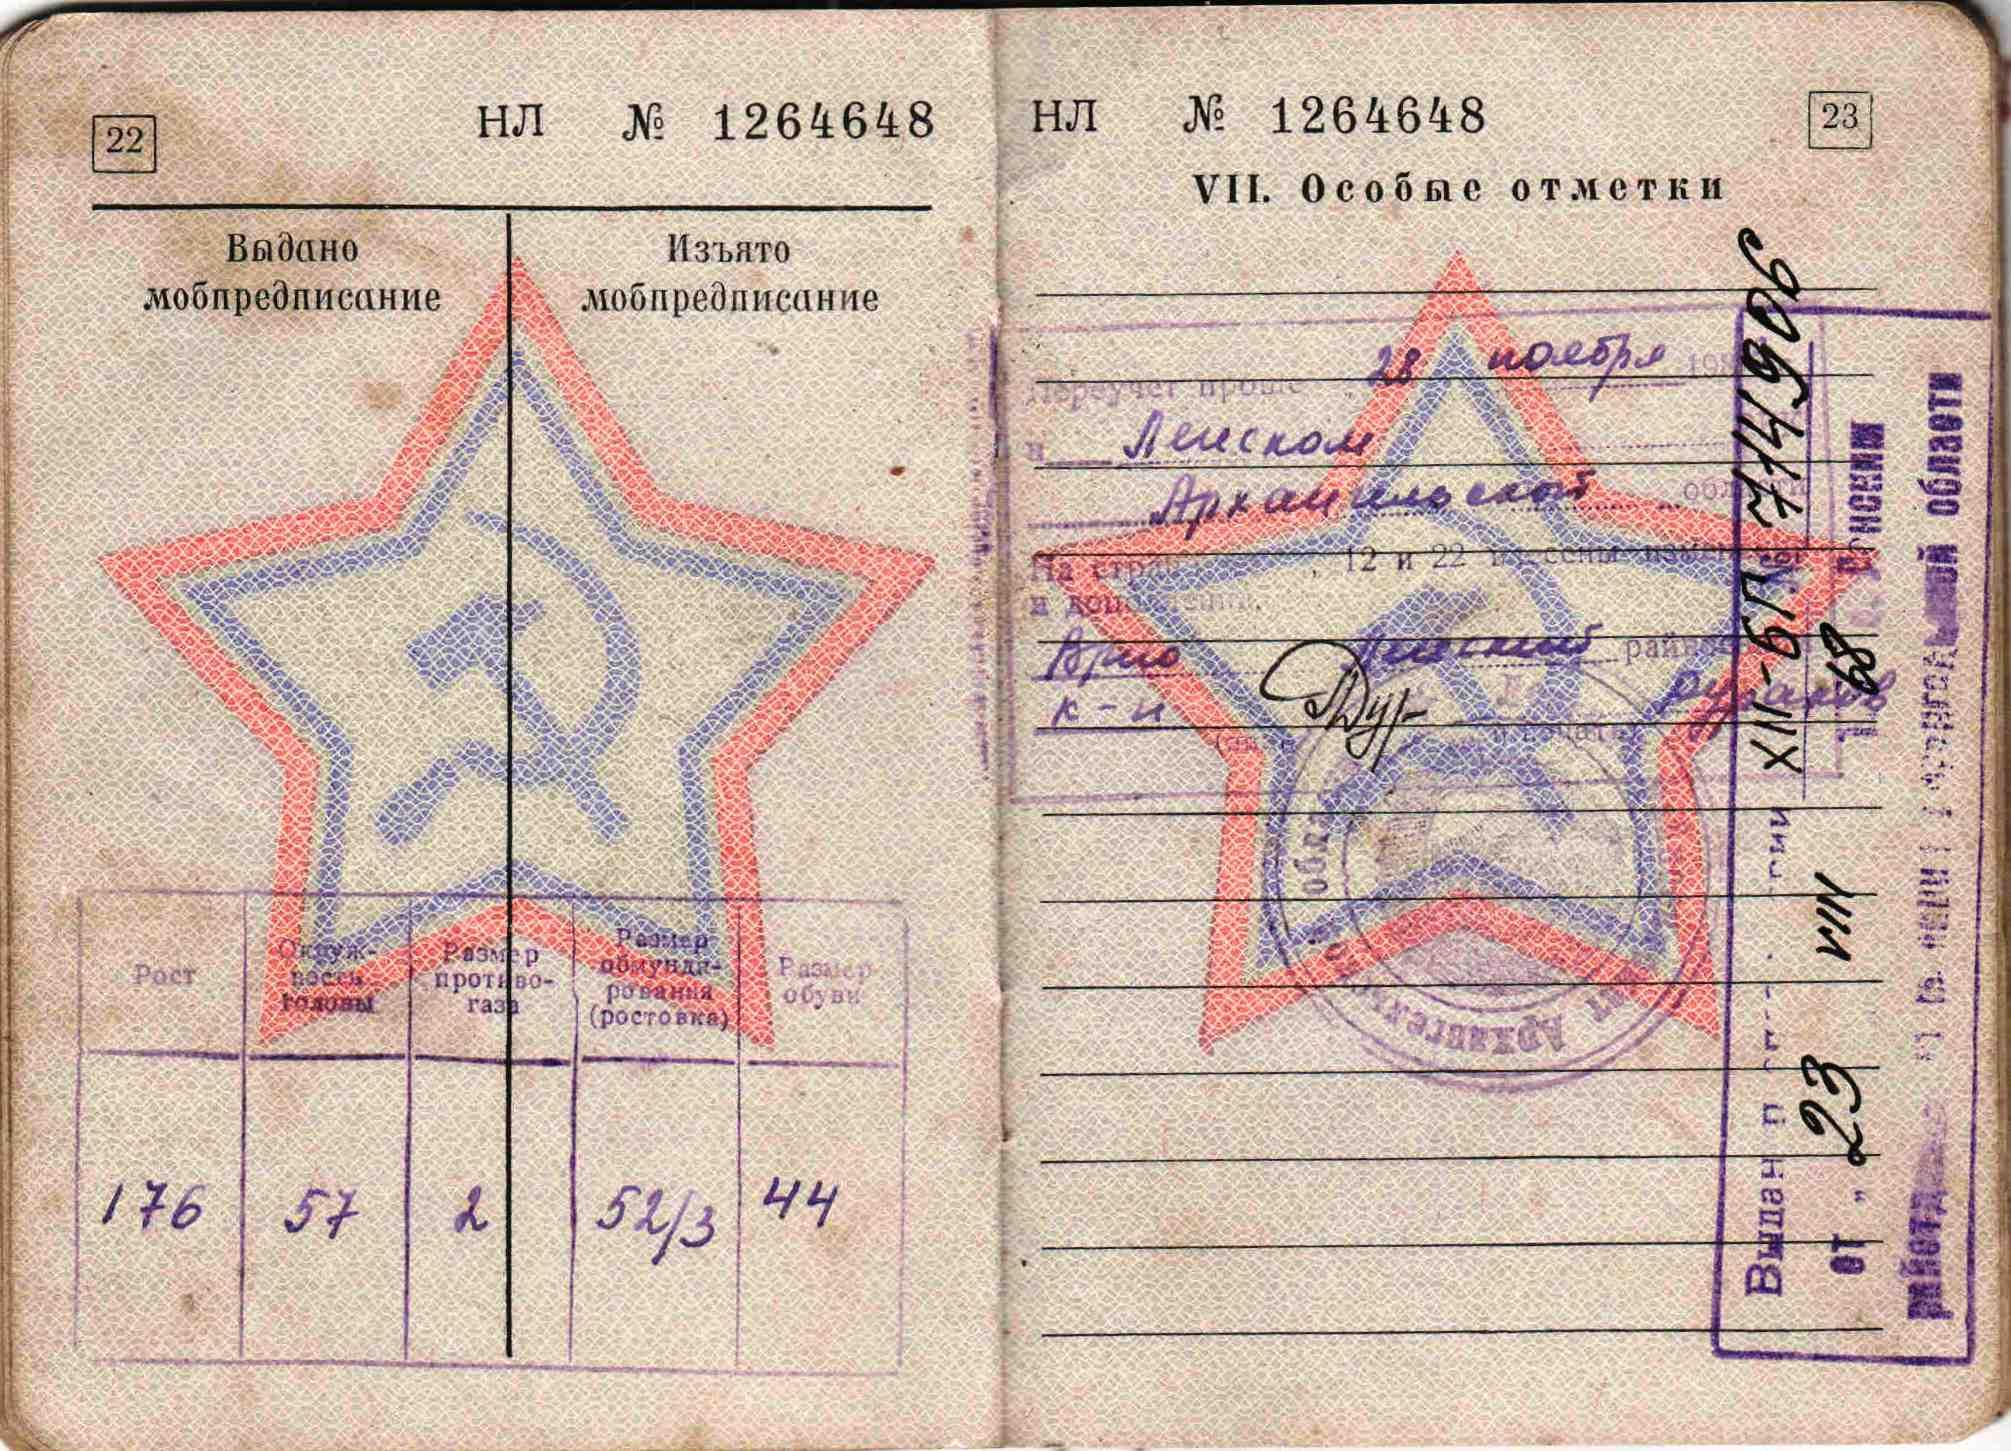 31. Военный билет, 1963 г.